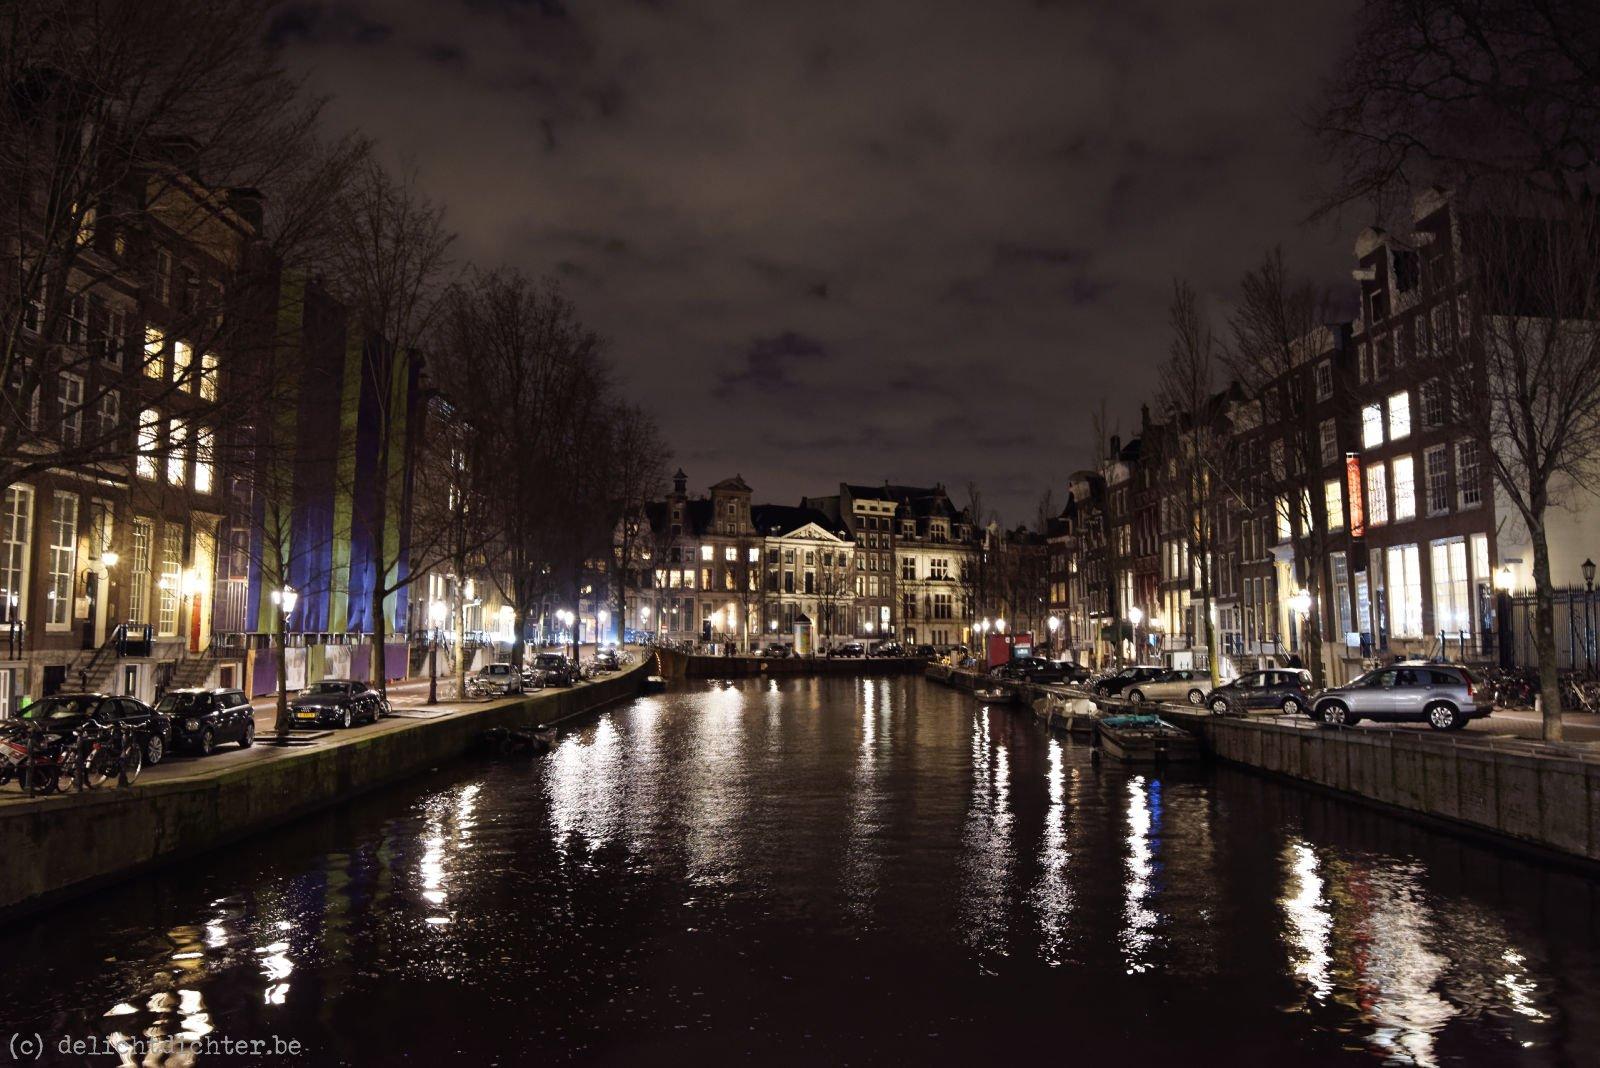 2017_03_Amsterdam_20170302_210738_DxO_v11_1600px